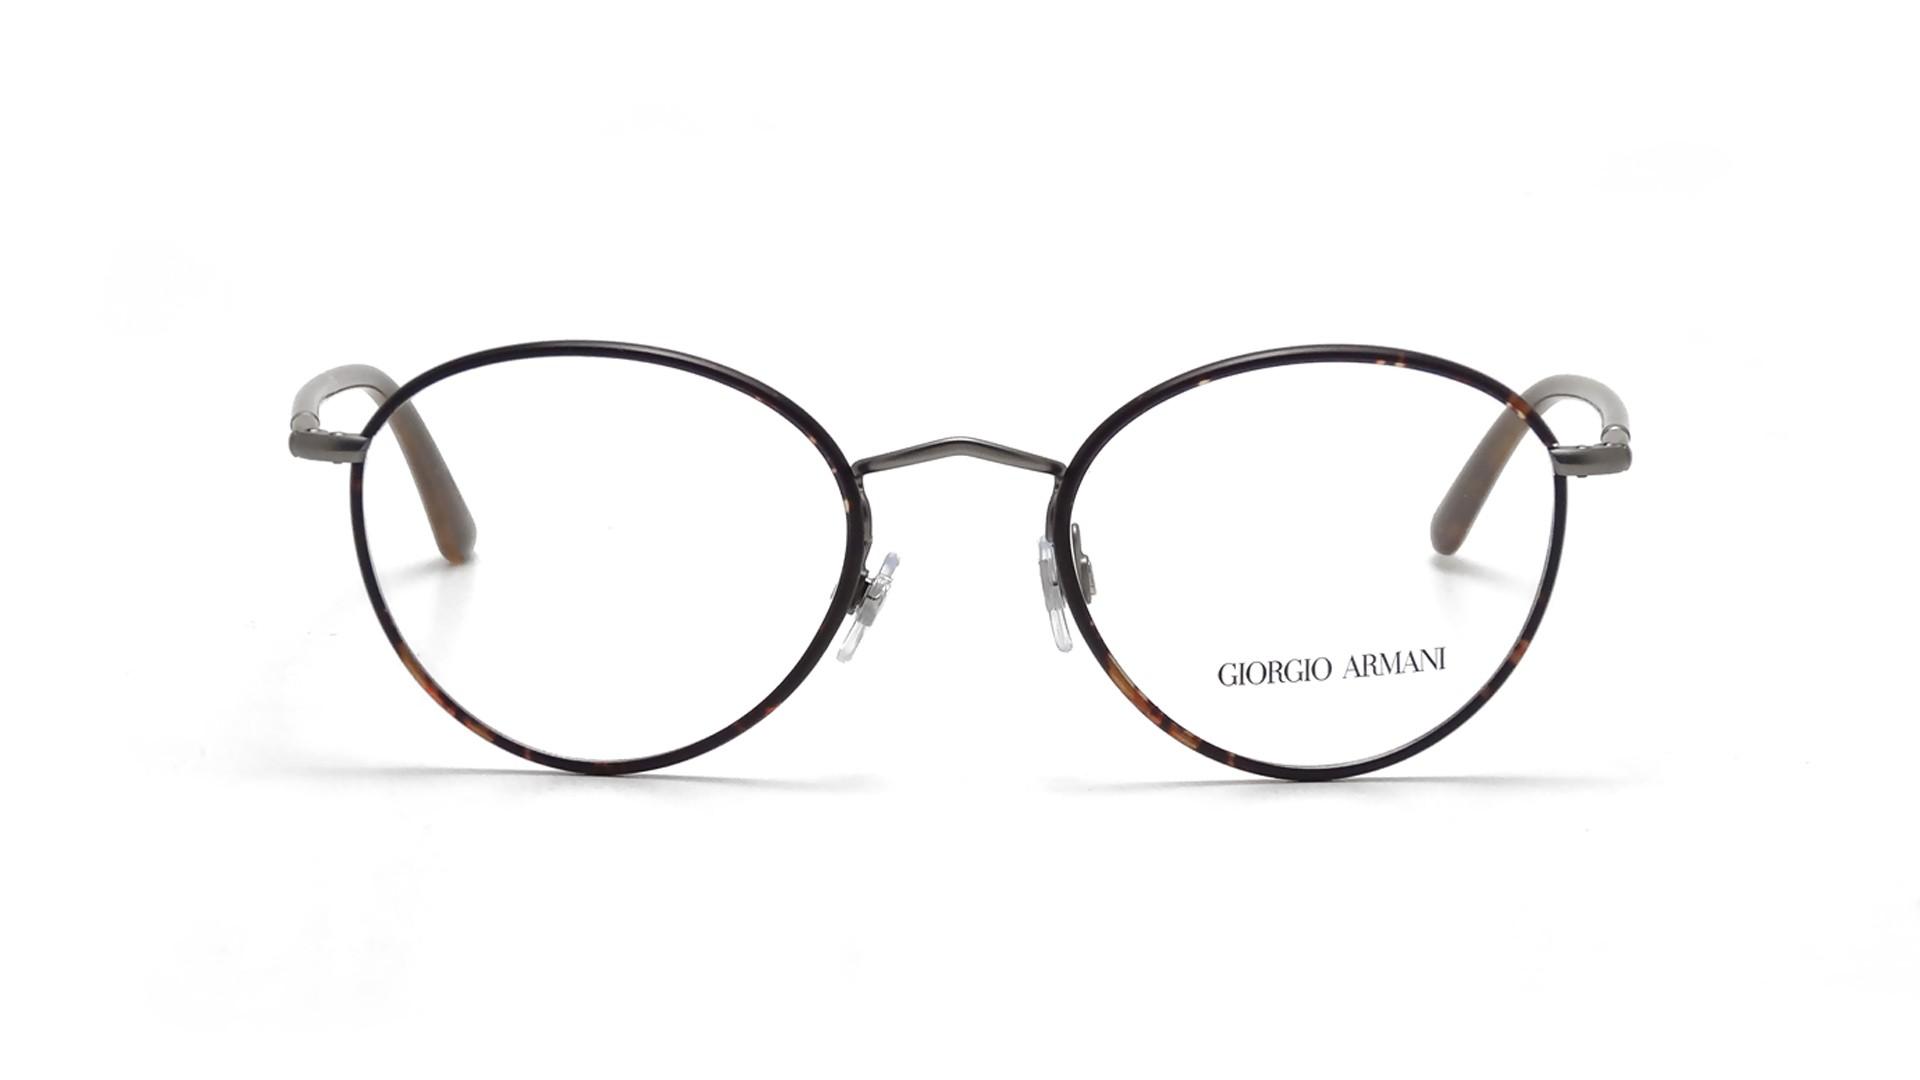 Giorgio Armani Glasses Frames Of Life : Giorgio Armani Frames of Life Tortoise AR5024J 3003 50-20 ...